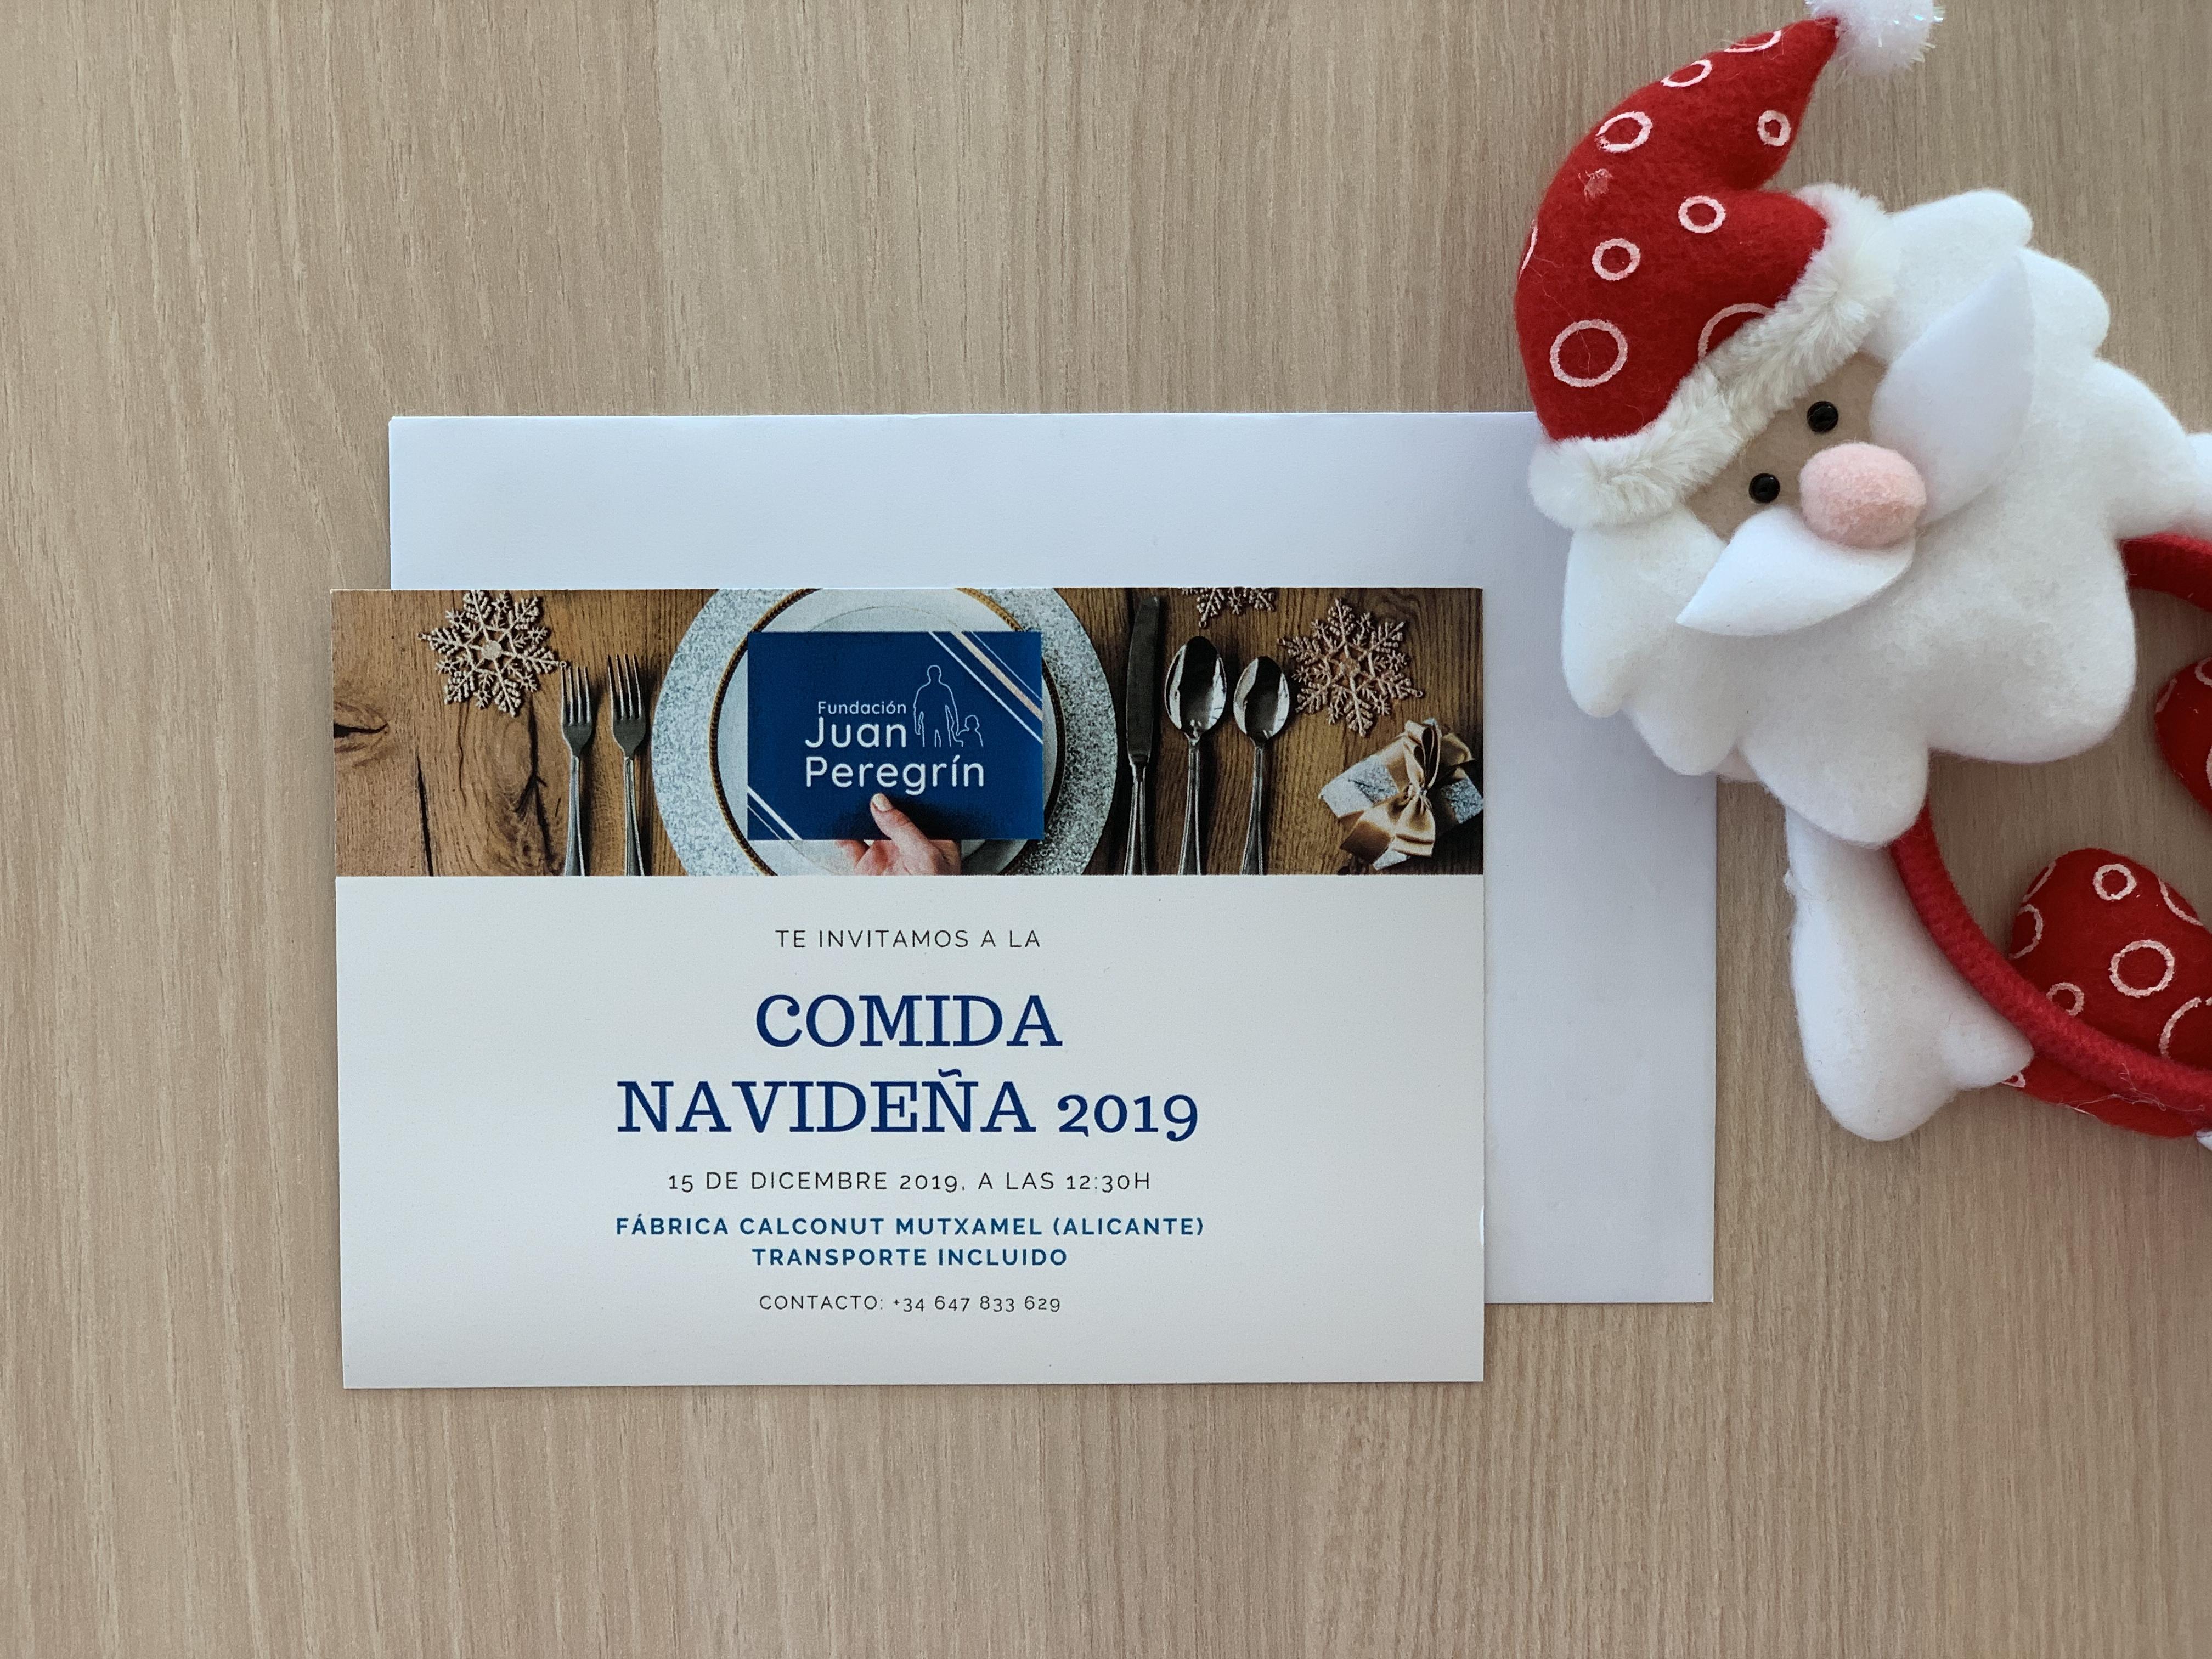 comida-de-navidad-repartir-invitaciones-fundacion